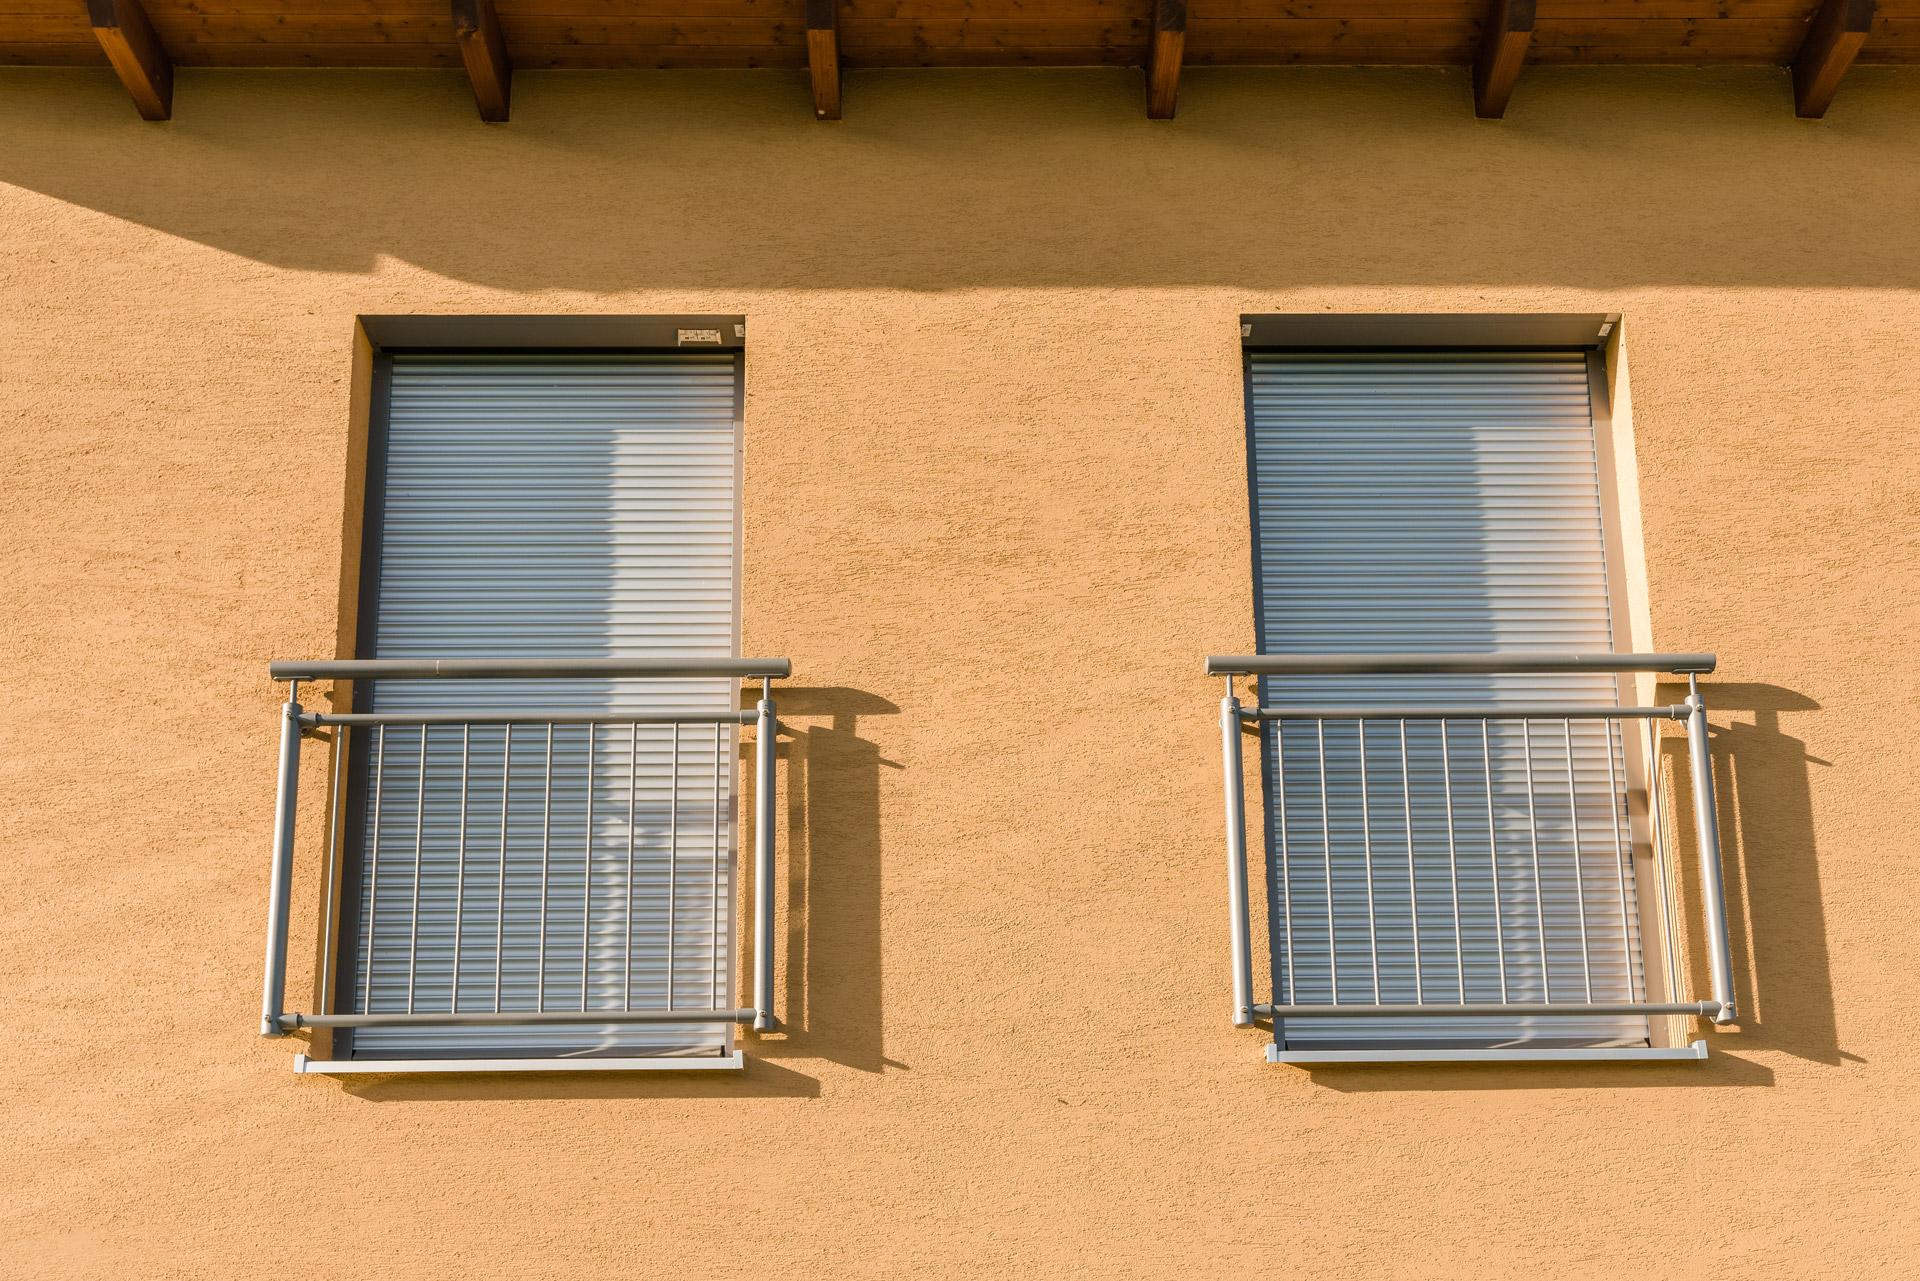 Dornbirn 14 | Französisches Geländer aus vertikalen grauen Alu-Sprossen bei Fenstertüren | Svoboda